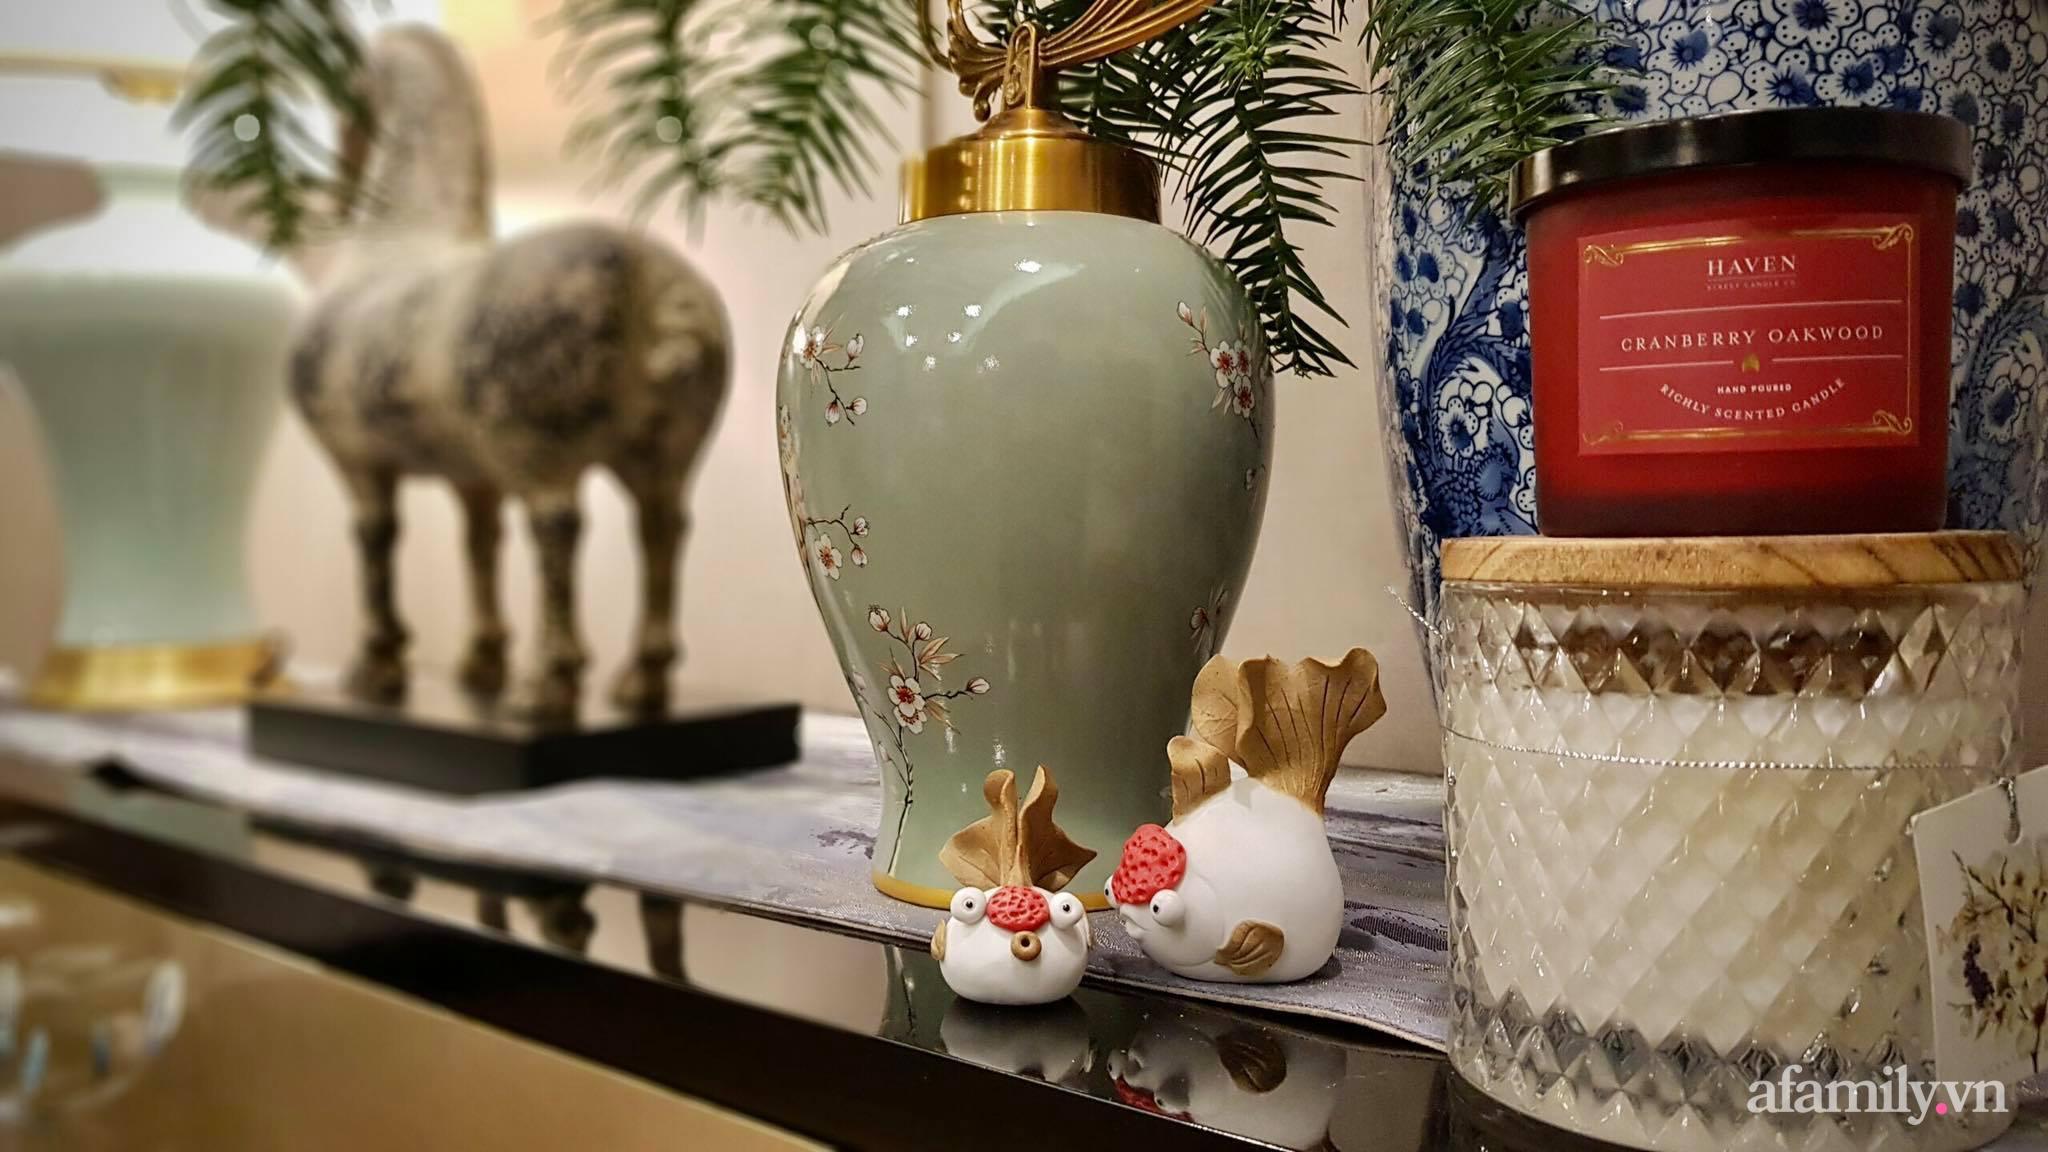 """Căn hộ """"thắp sáng"""" những sắc màu giúp từng góc nhỏ thêm ấm cúng đón Giáng sinh ở Hà Nội - Ảnh 6."""